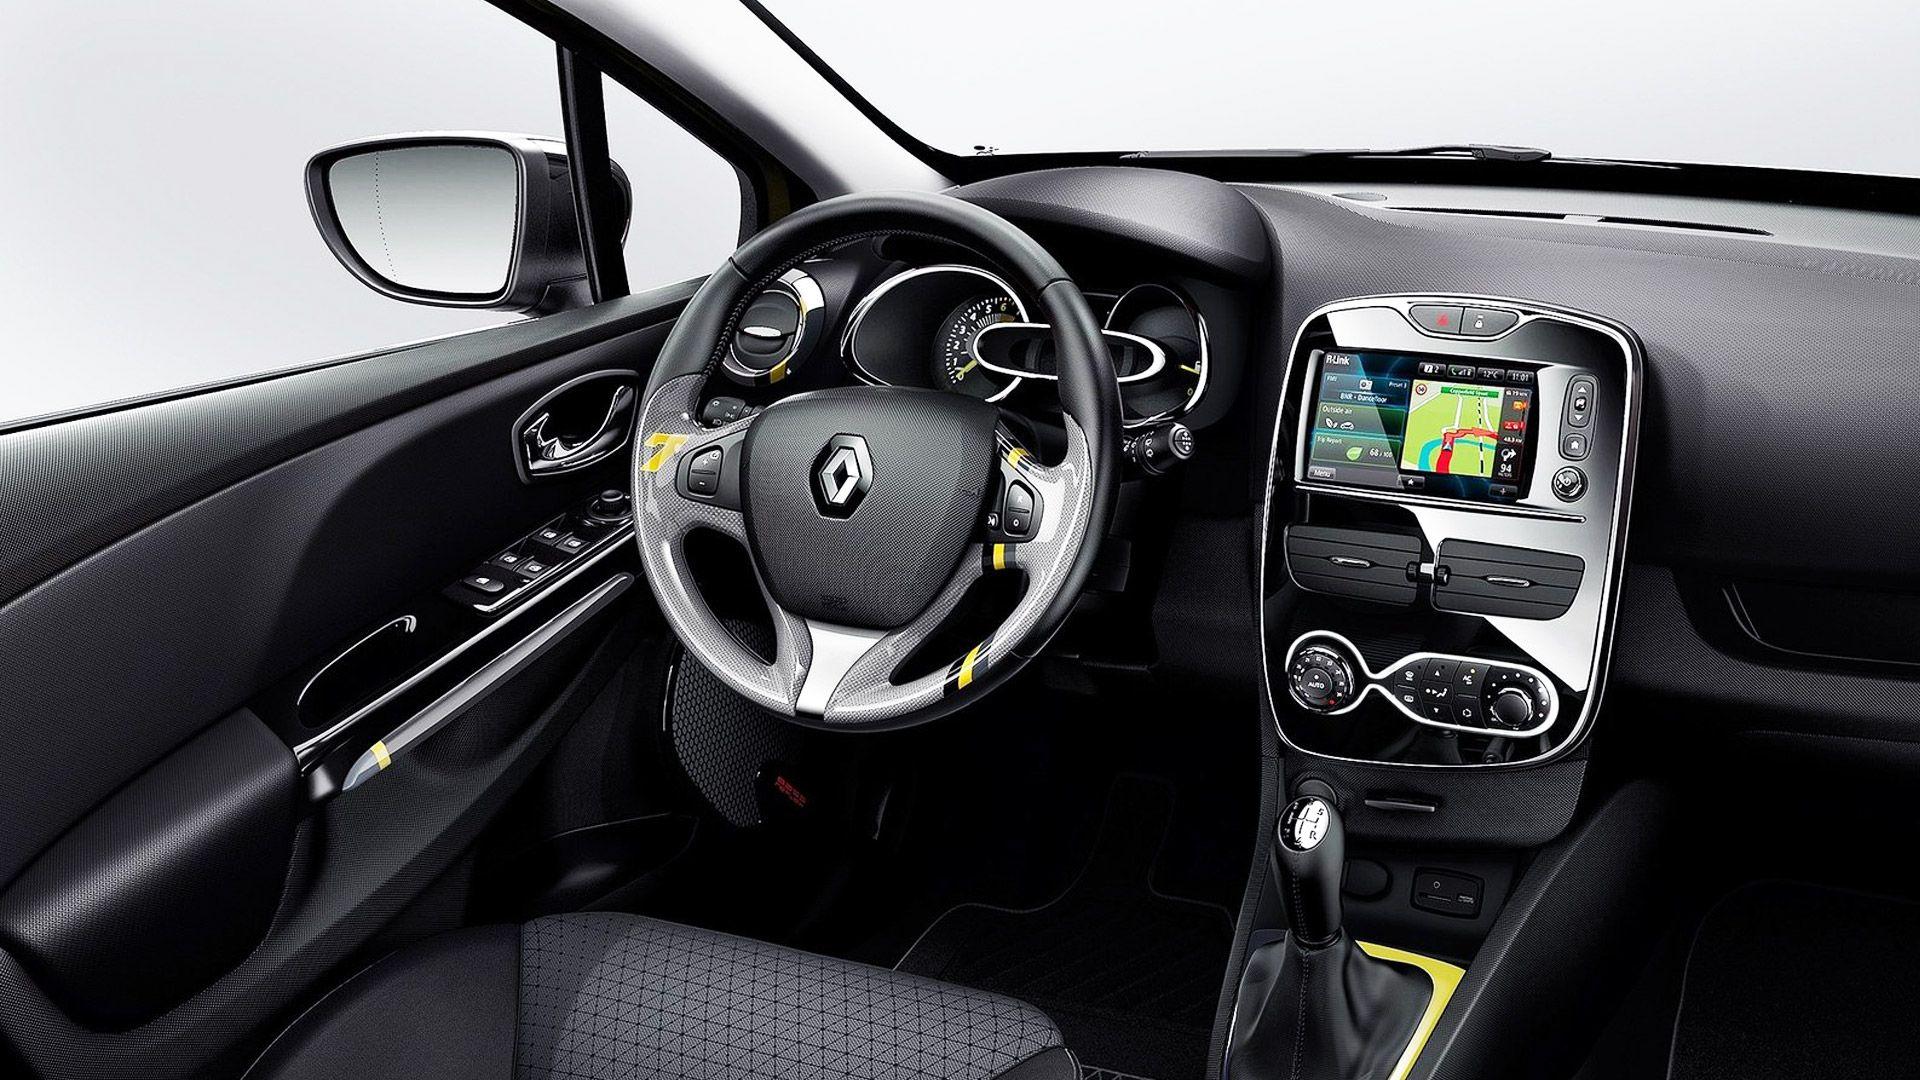 2013 Renault Clio Estate Interior | Autos Renault | Pinterest